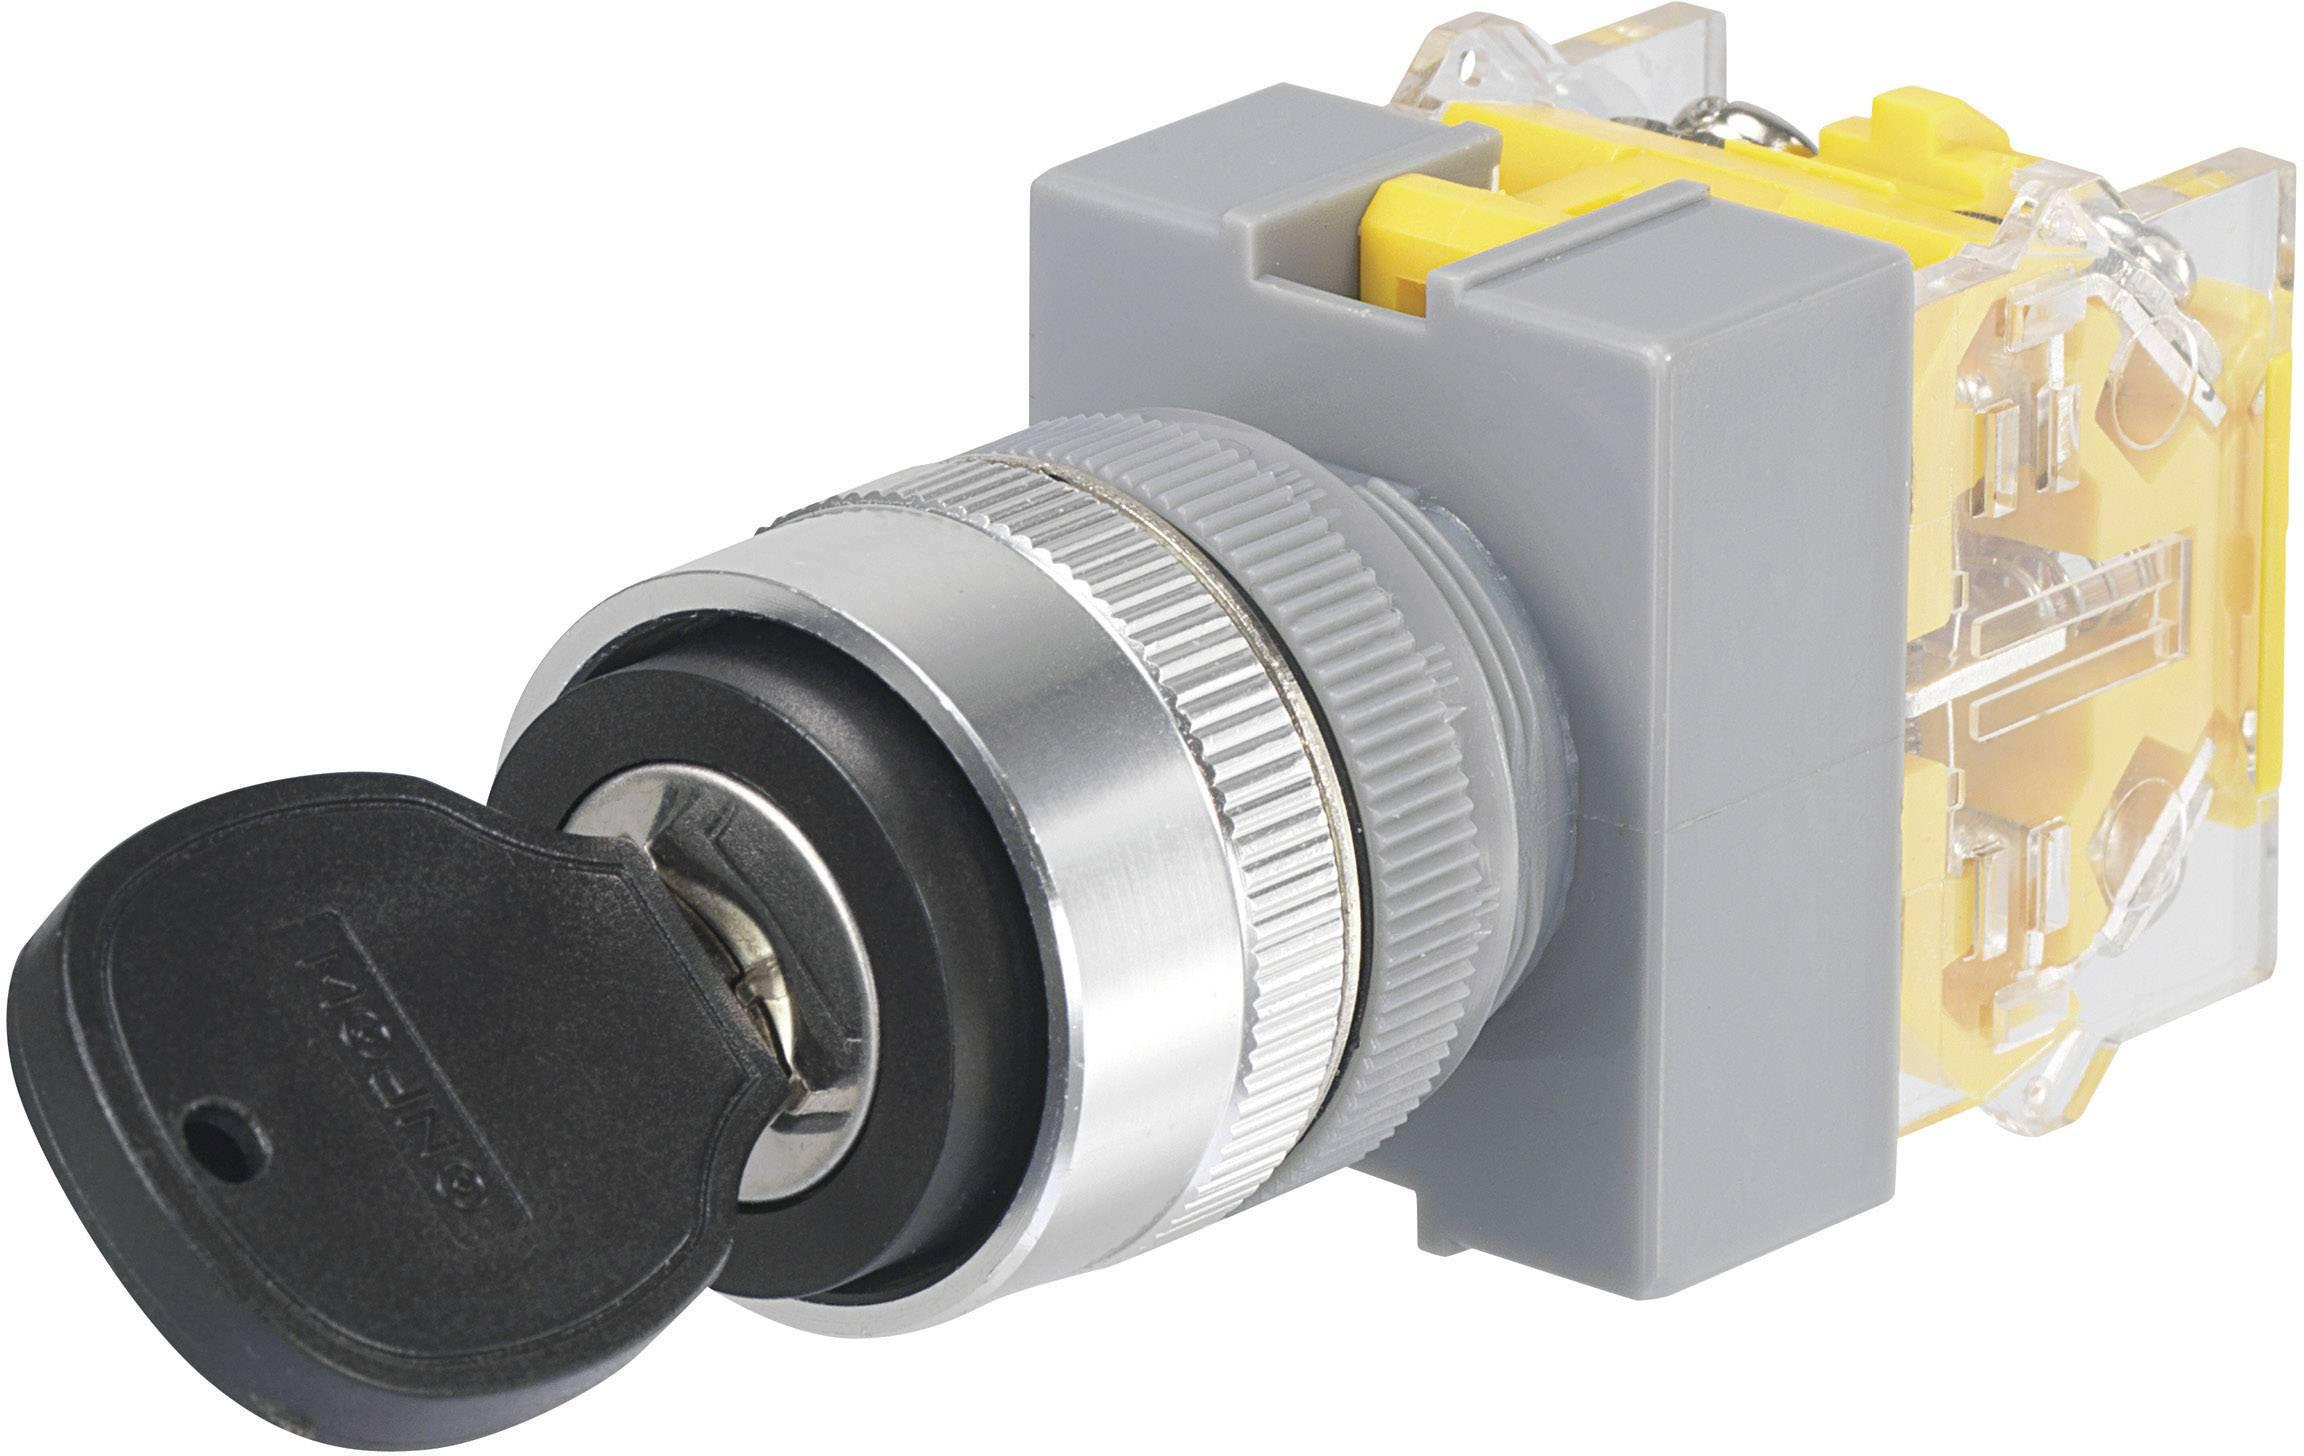 Kľúčový spínač TRU COMPONENTS Y090-A-11Y/21 704480, 250 V/AC, 5 A, 1x vyp/zap, 1 x 90 °, IP40, 1 ks